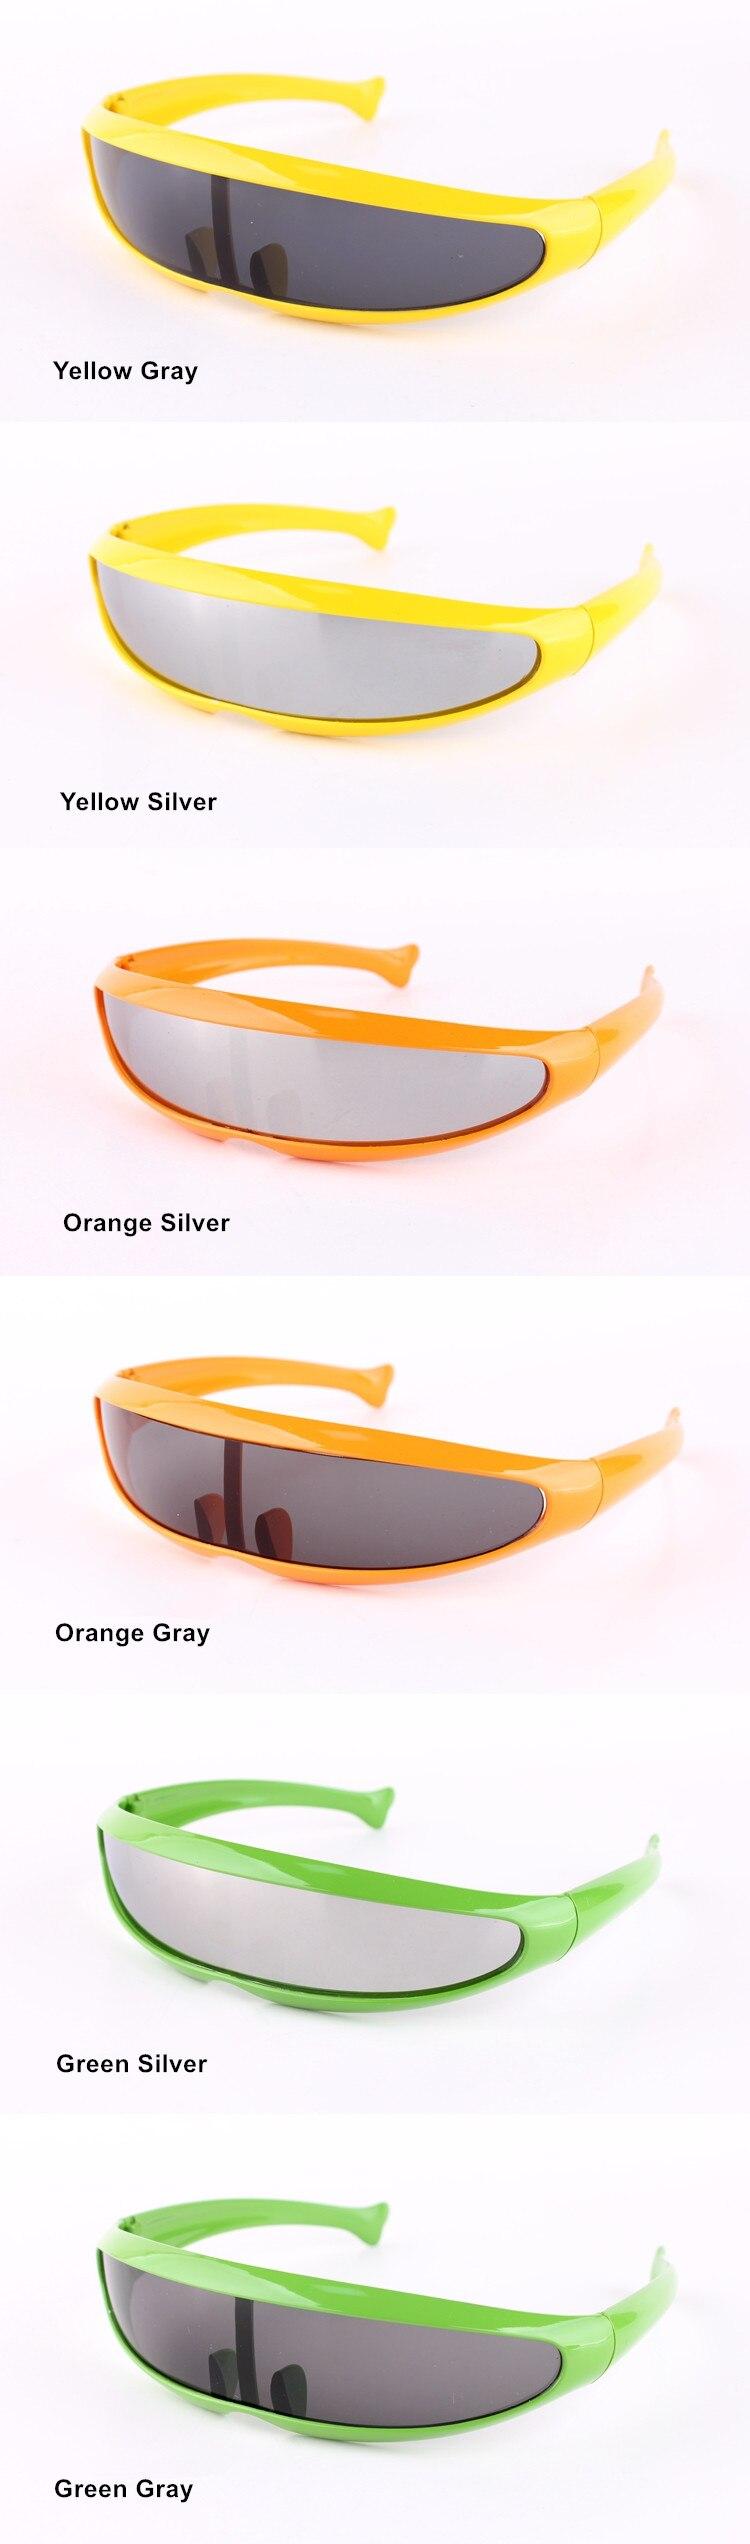 HTB1T0YCPVXXXXa1XpXXq6xXFXXXE - Women's Men's Sunglasses X-Mens Sunglass Robots Laser Glasses Sun Glasses Safety Goggles